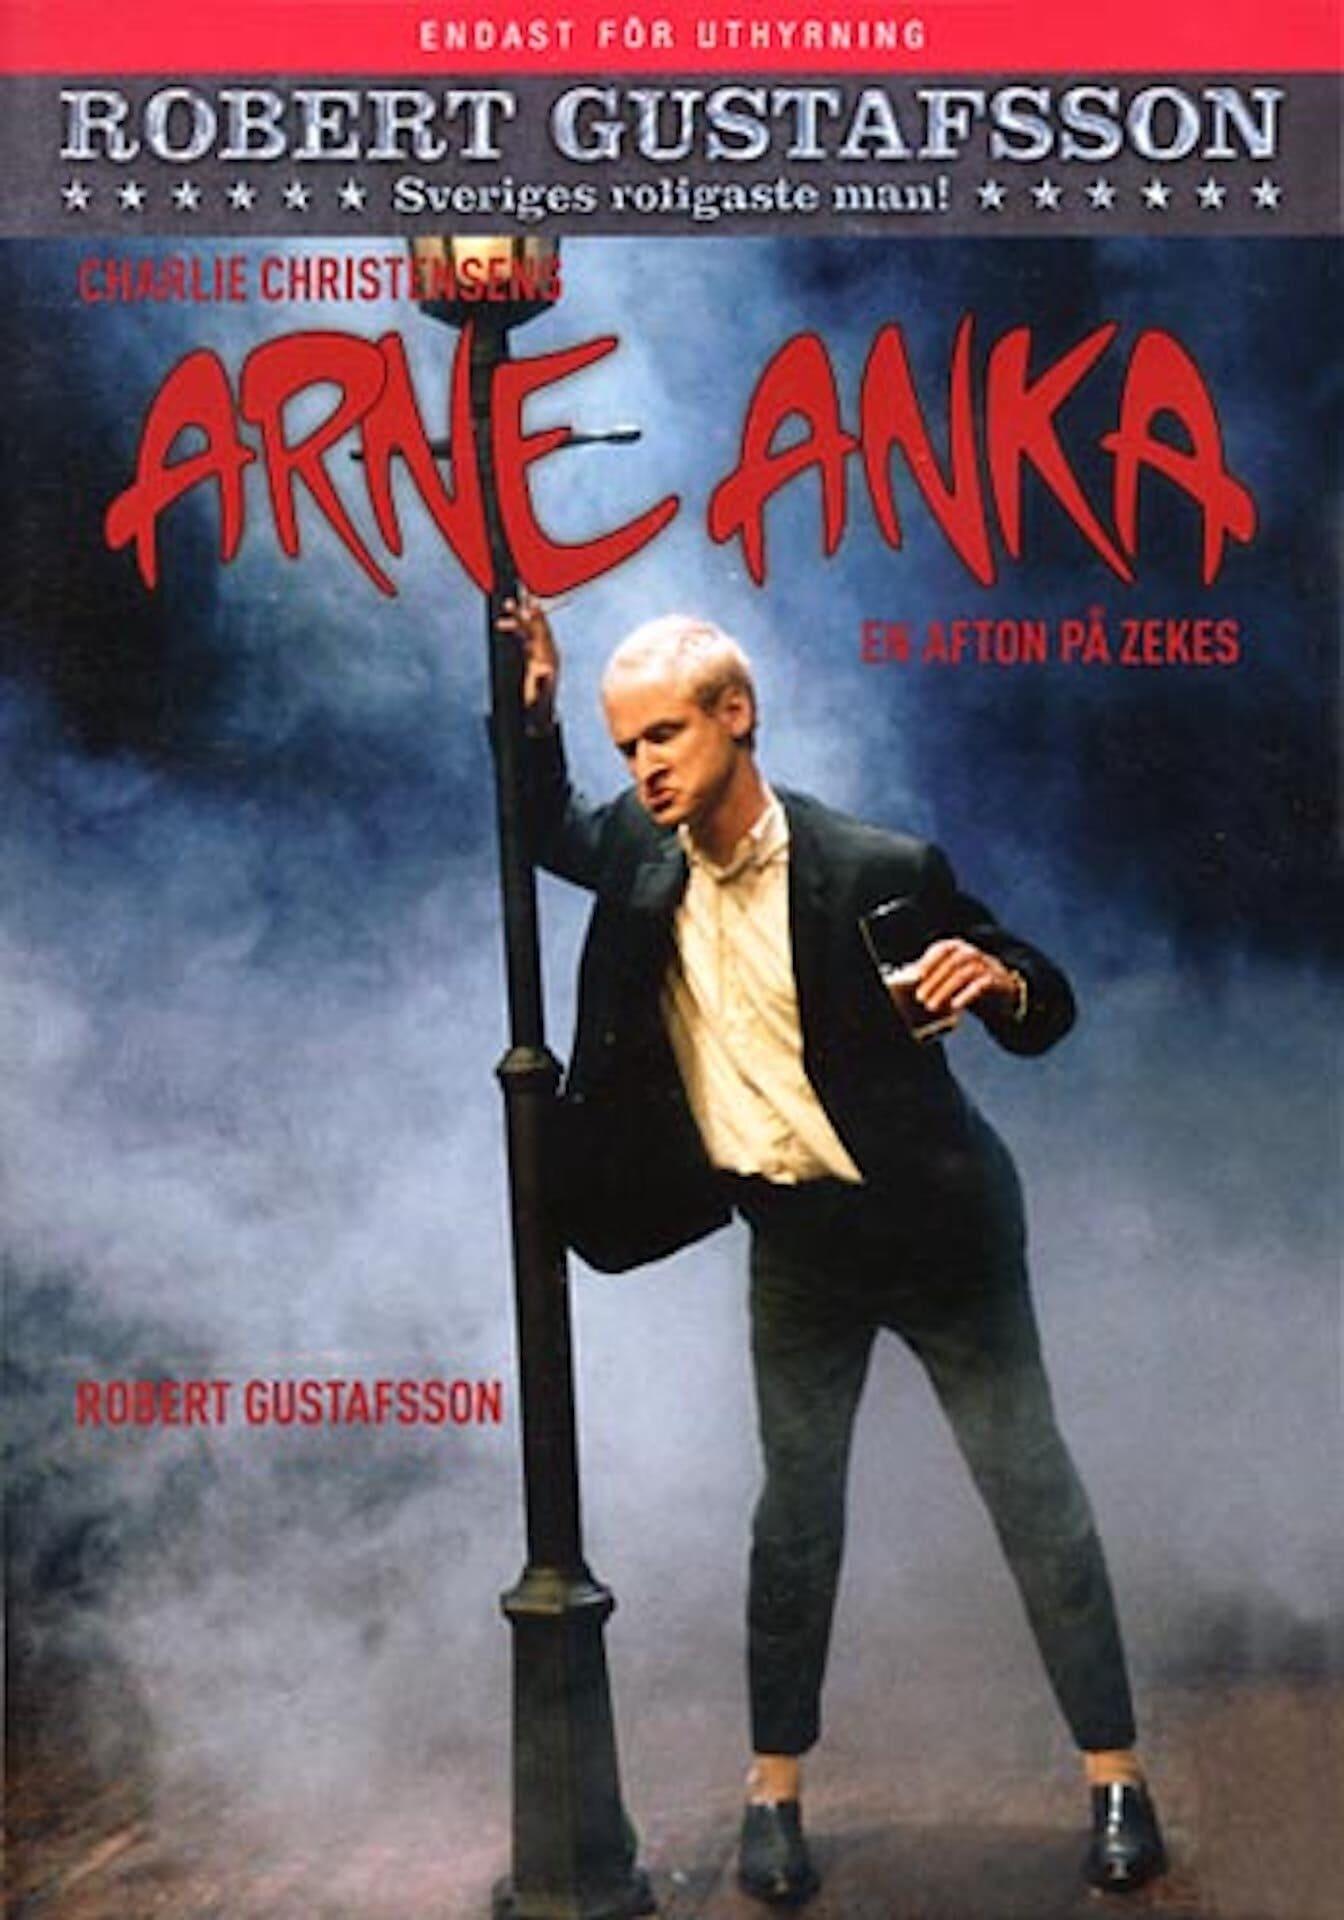 Arne Anka - An evening at Zekes